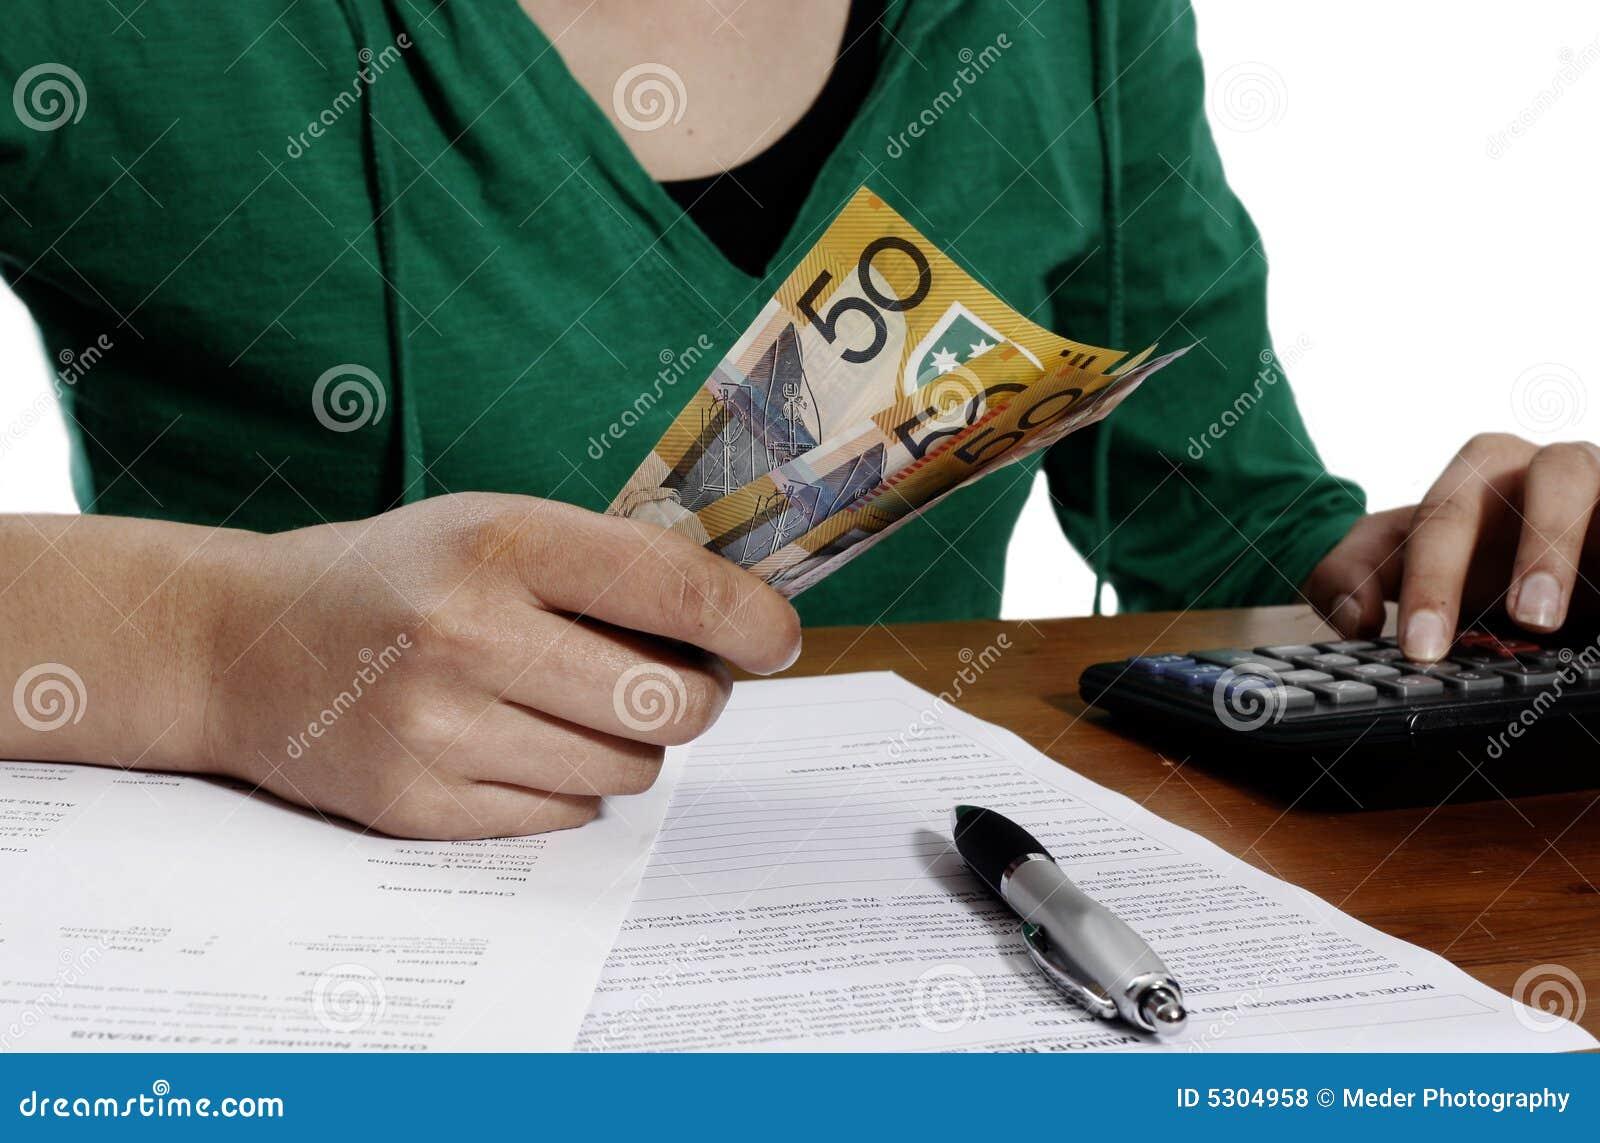 Download Dichiarazione Dei Redditi Finanziaria Fotografia Stock - Immagine di impari, eurasian: 5304958